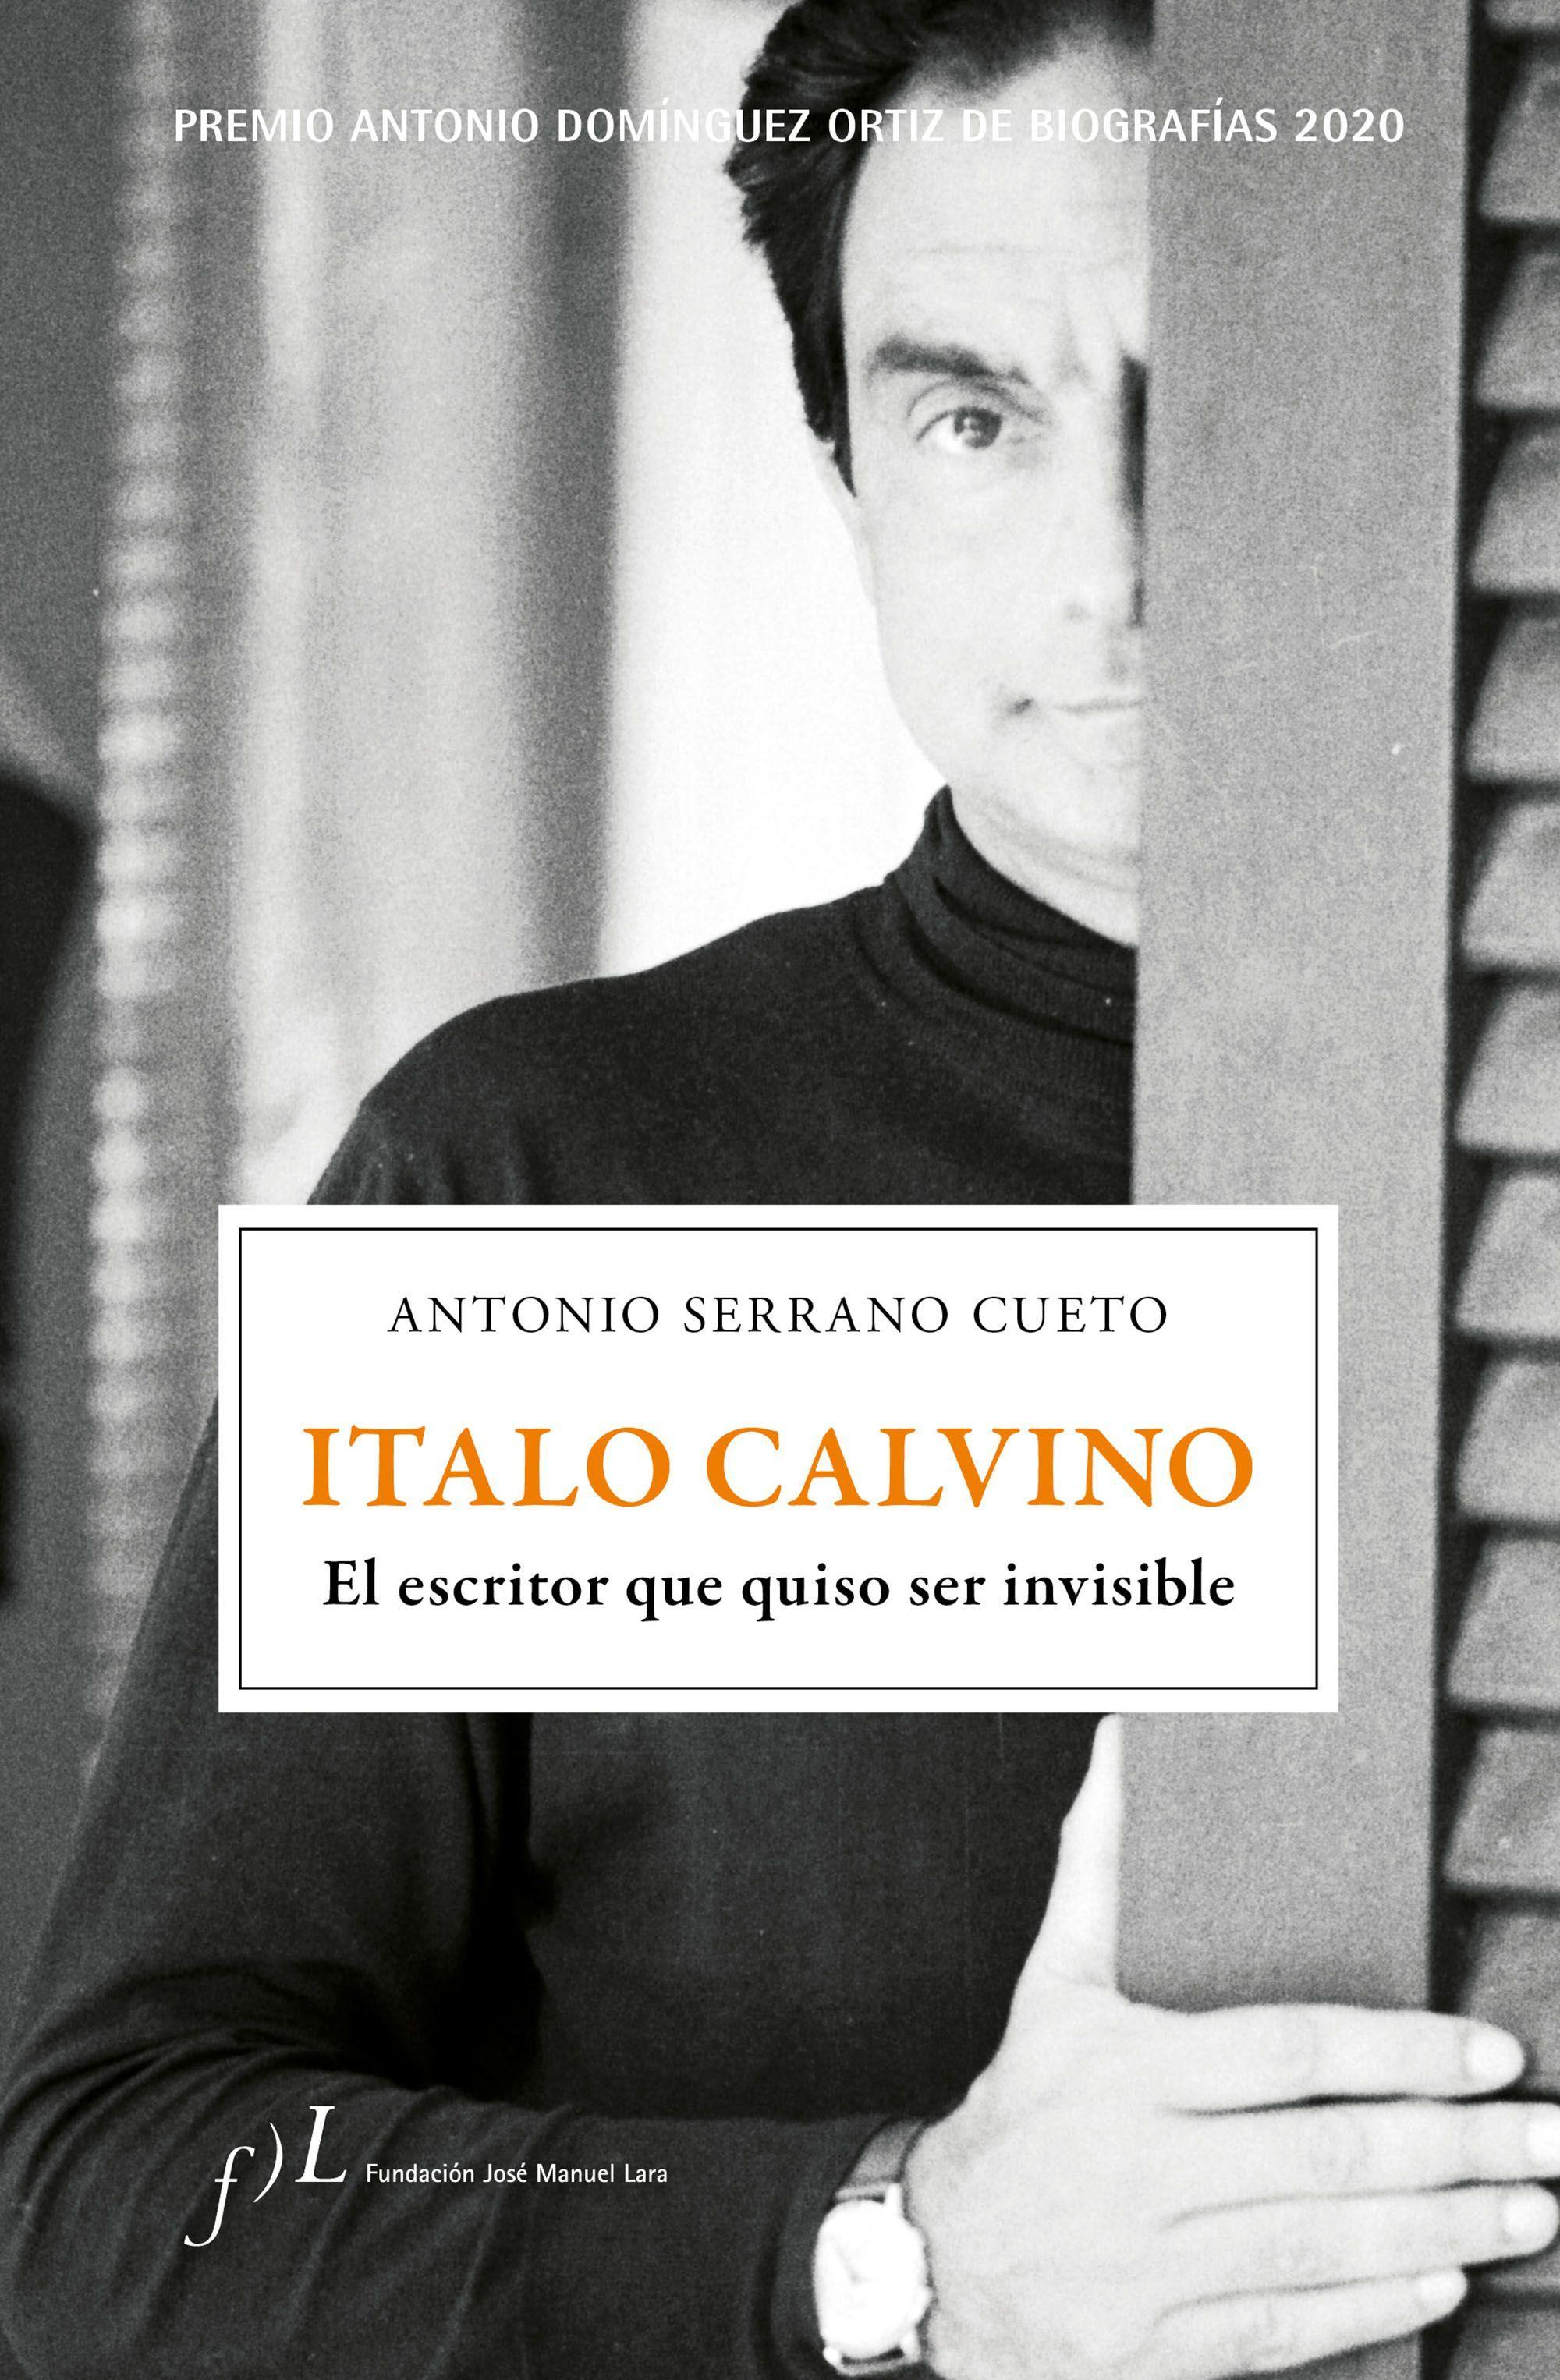 ITALO CALVINO ESCRITOR QUISO SER INVISIB